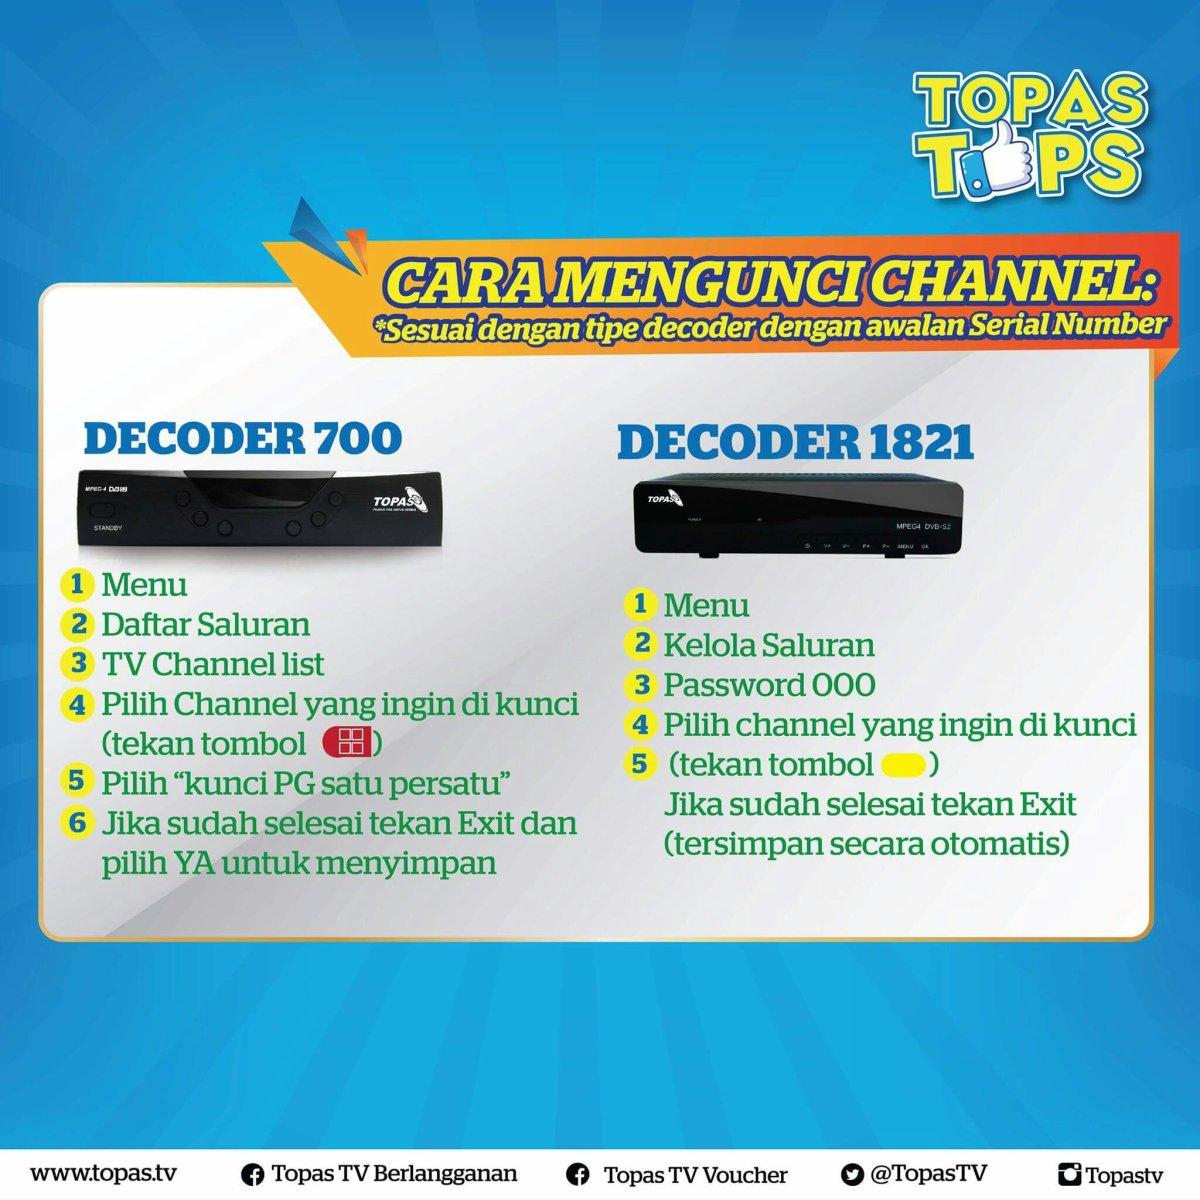 Tips Cara Mengunci Channel Dari Anak Di Topas Tv Tvkuindo 085 70 Paket Basic Setahun 22 11 8